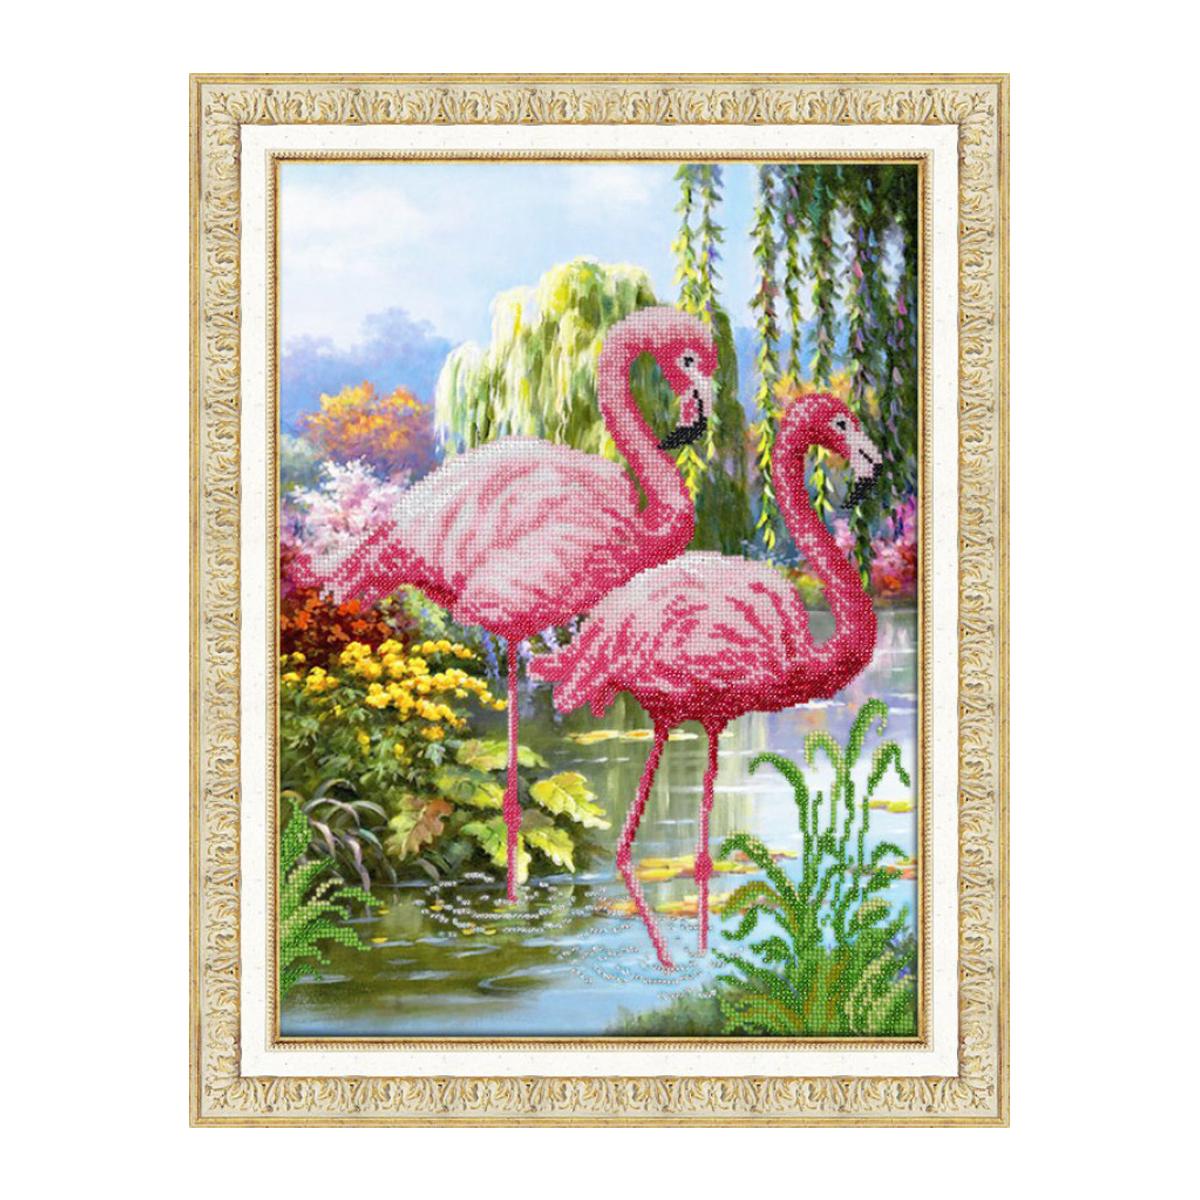 Набор для вышивания бисером Паутинка Фламинго, 38 см х 28 см. Б1451581813Состав набора: бисер Чехия - 13 цветов, льняная ткань с нанесенным рисунком, бисерная игла, подробная инструкция.